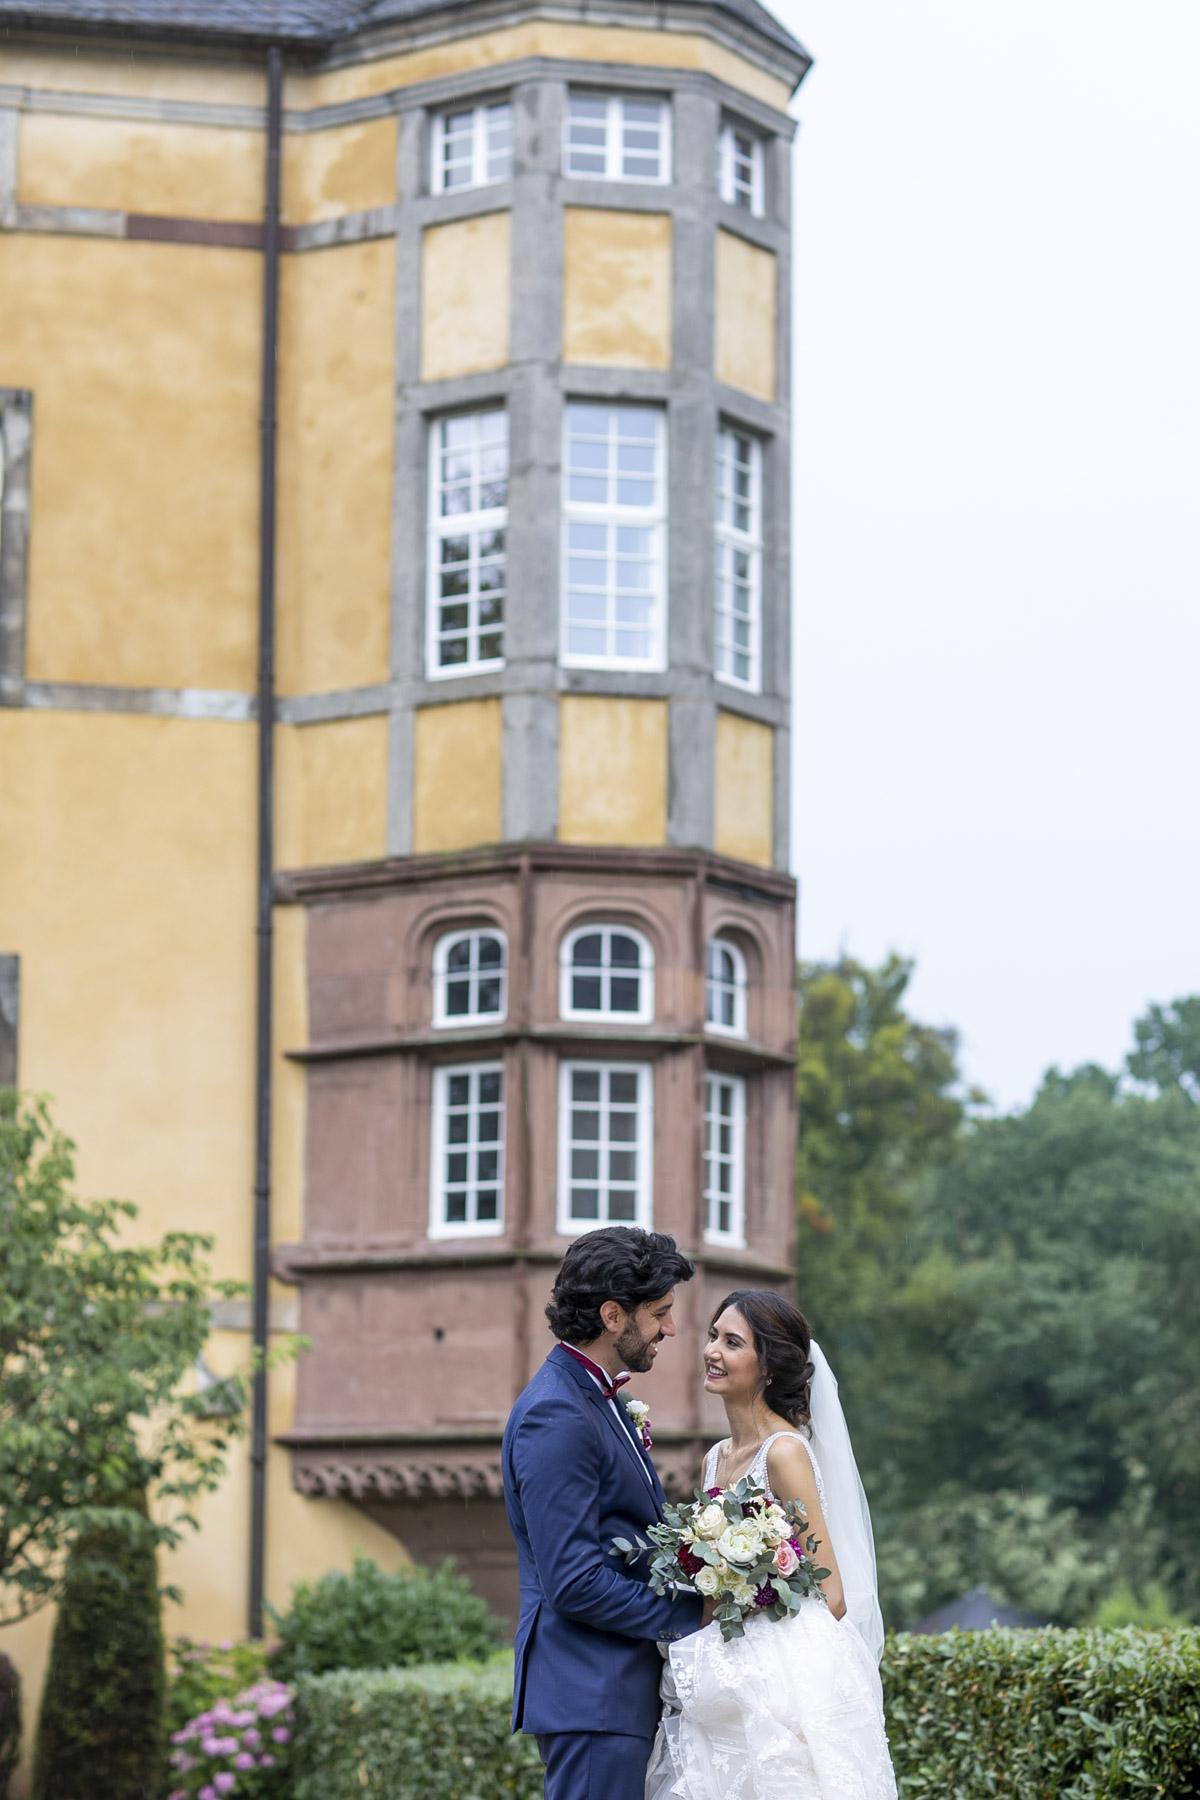 Sahar und Iljas | Märchenhochzeit im Steigenberger Hotel - Fotografin Guelten Hamidanoglu Fotografie Koeln SI 19 251